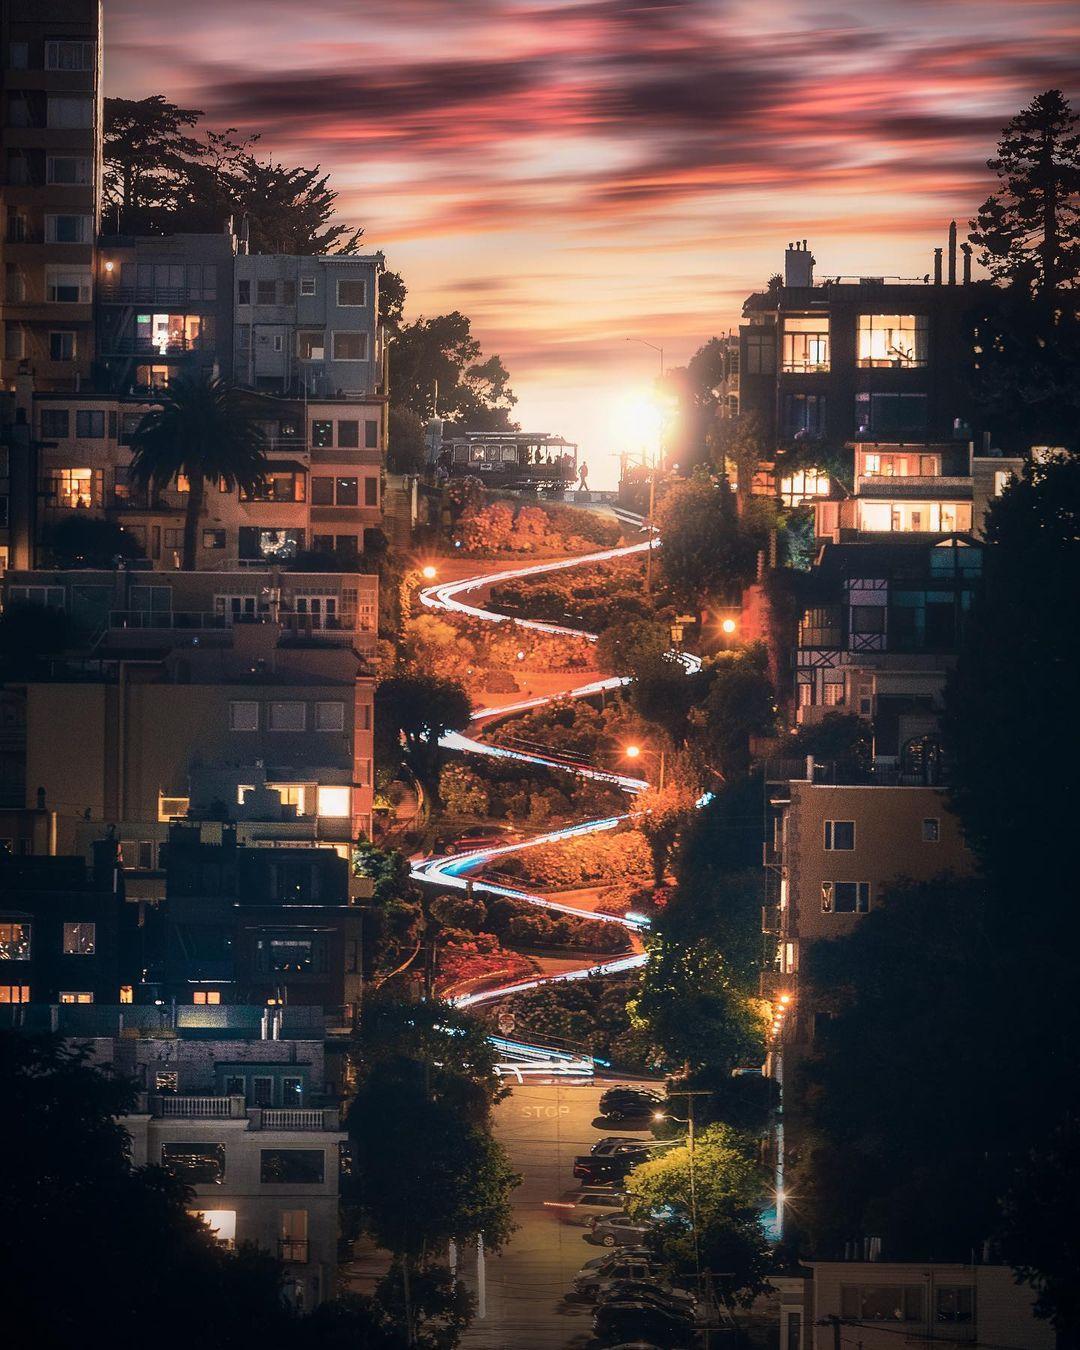 Улицы разных городов мира, по которым хочется прогуляться прямо сейчас Джейсон, фокусируется, городских, путешествий, архитектуры, много, снимает, фотографии, уличной, пейзажной, основном, Калифорния, Jason, Окленде, проживающий, время, настоящее, исследователь, городской, дизайнер